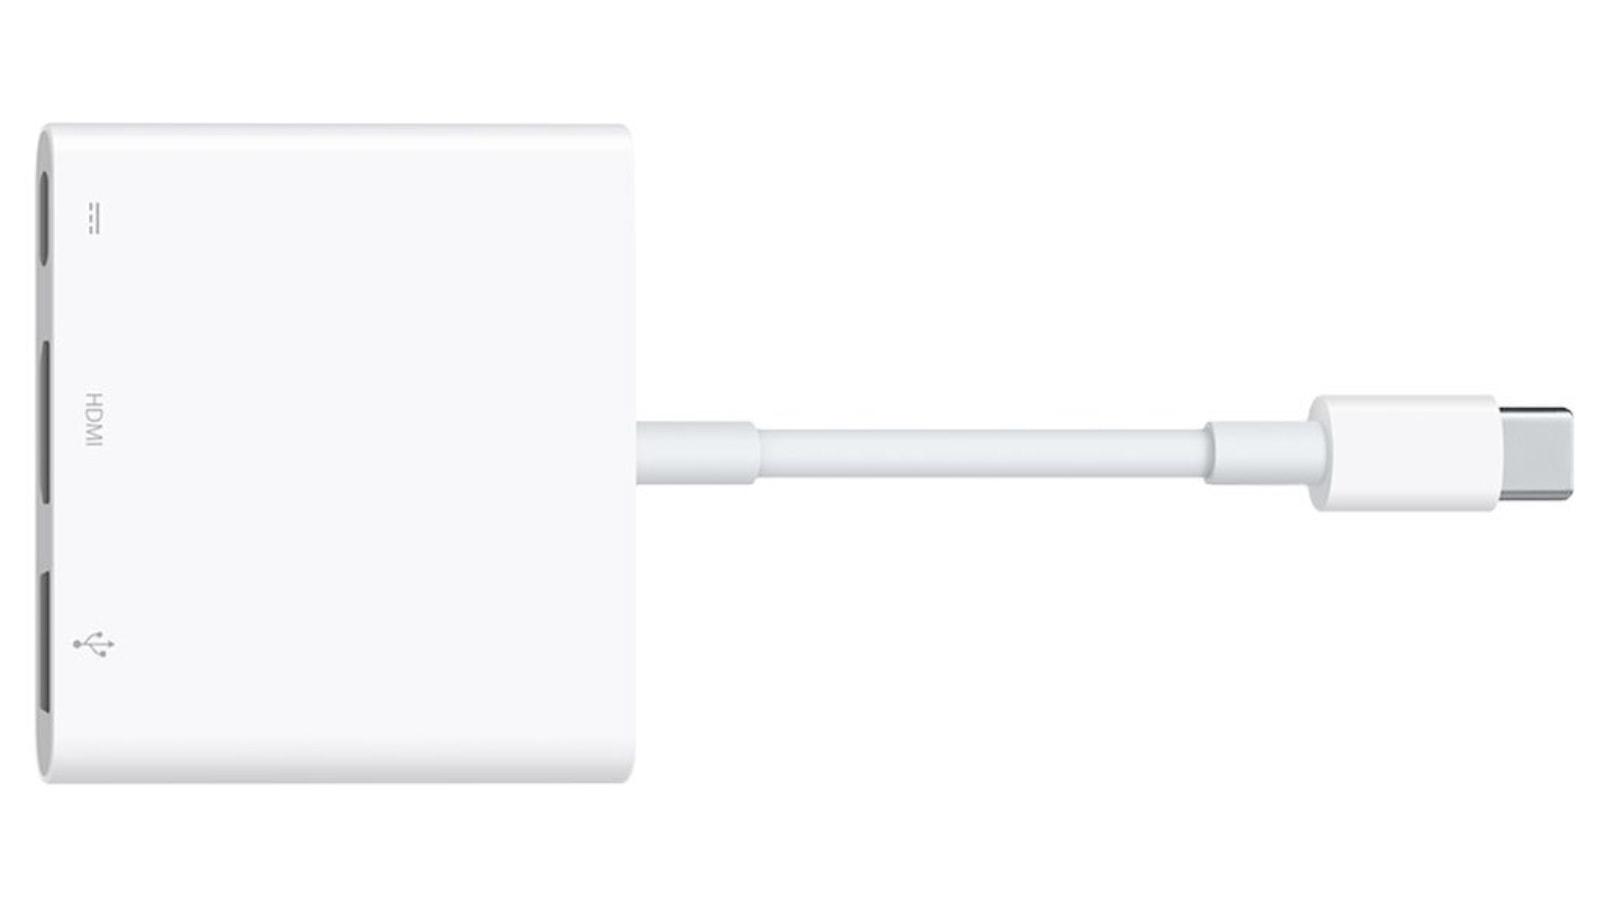 Apple-USB-AV-dongle